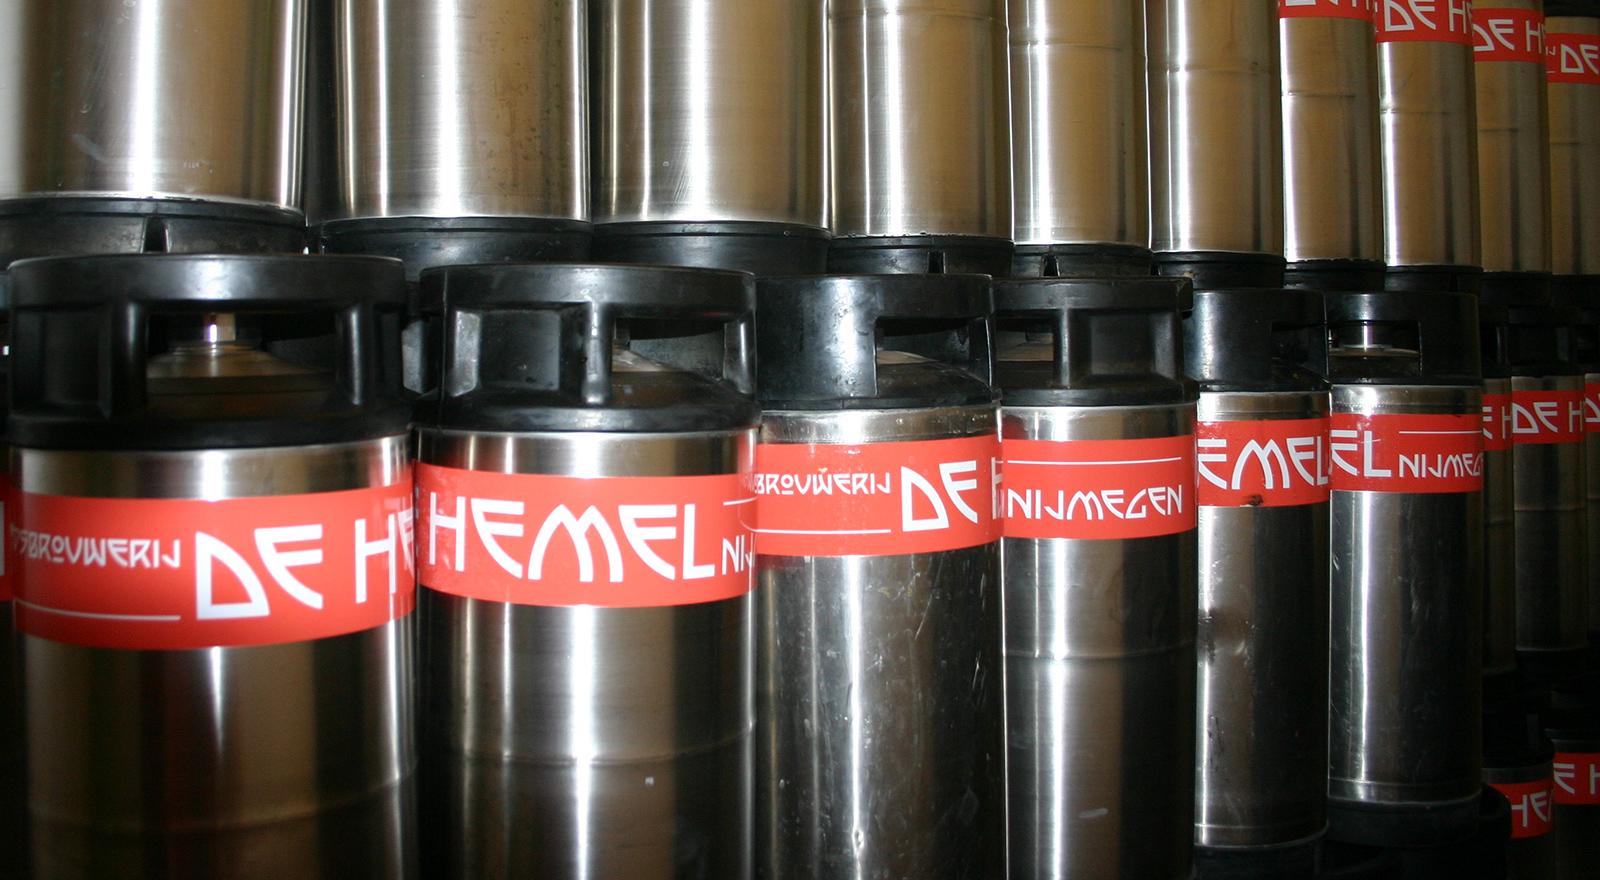 Brouwerij de Hemel in Nijmegen